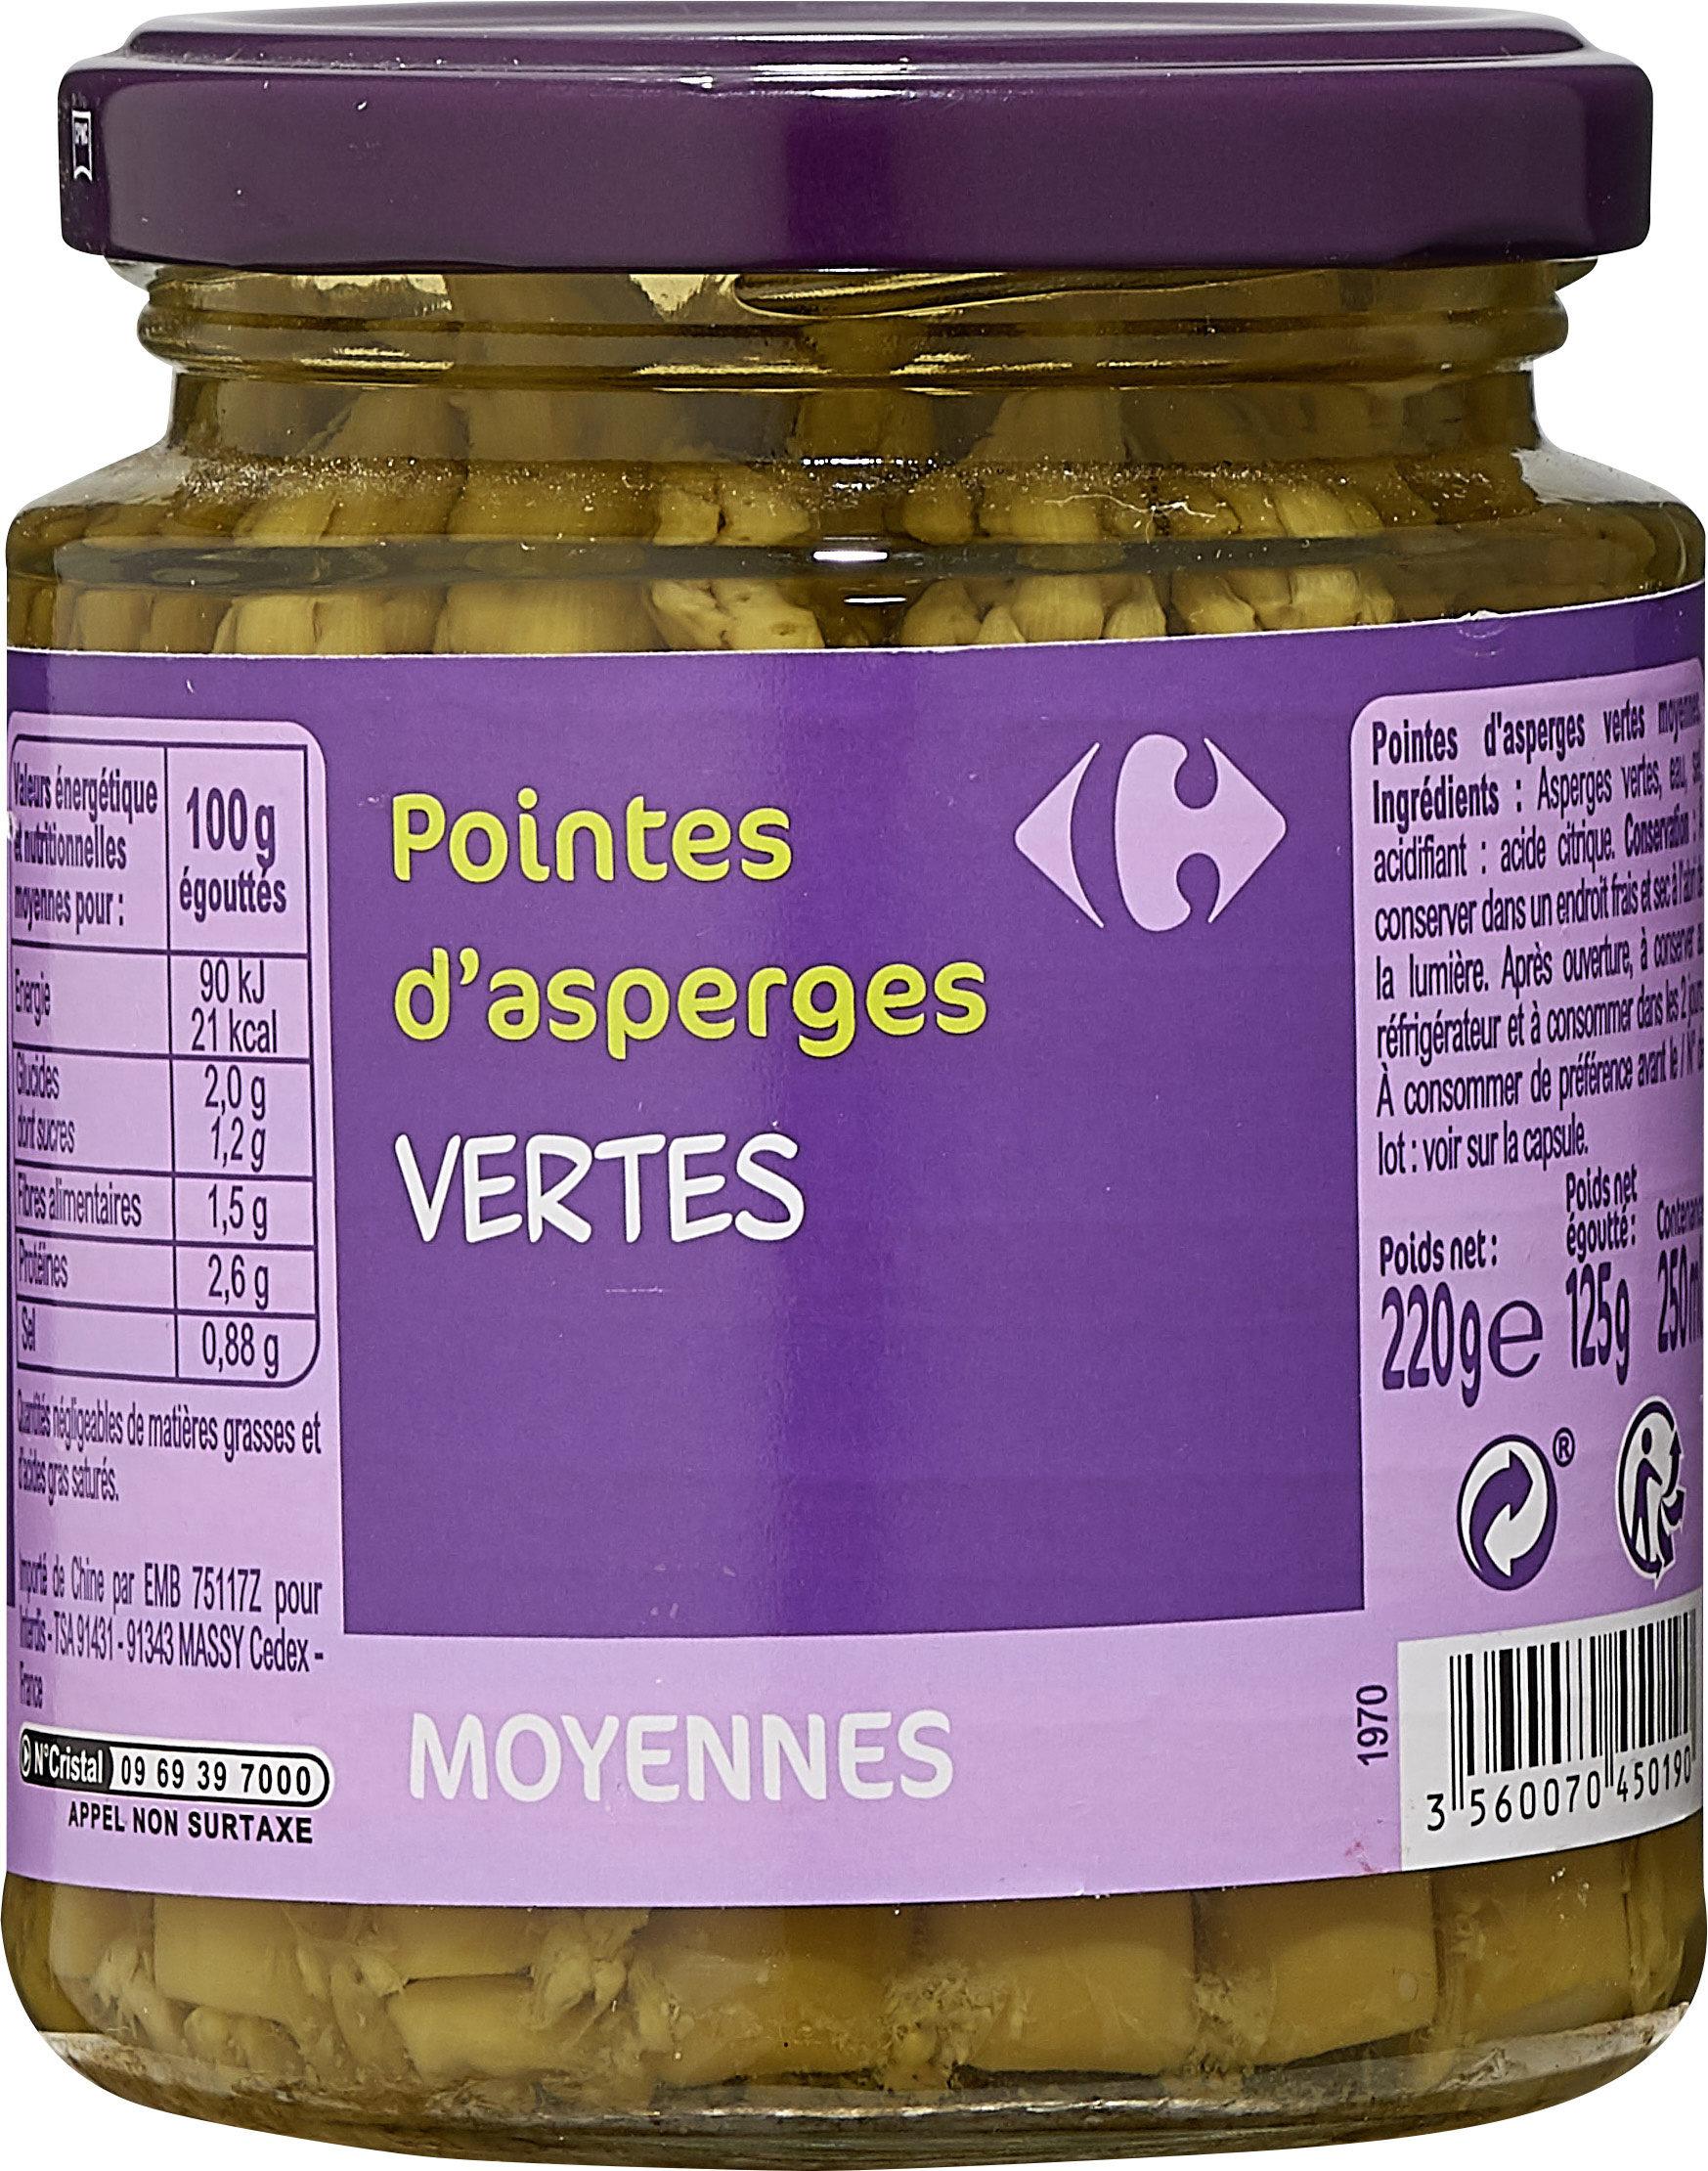 Pointes  d'asperges  vertes - Producte - fr